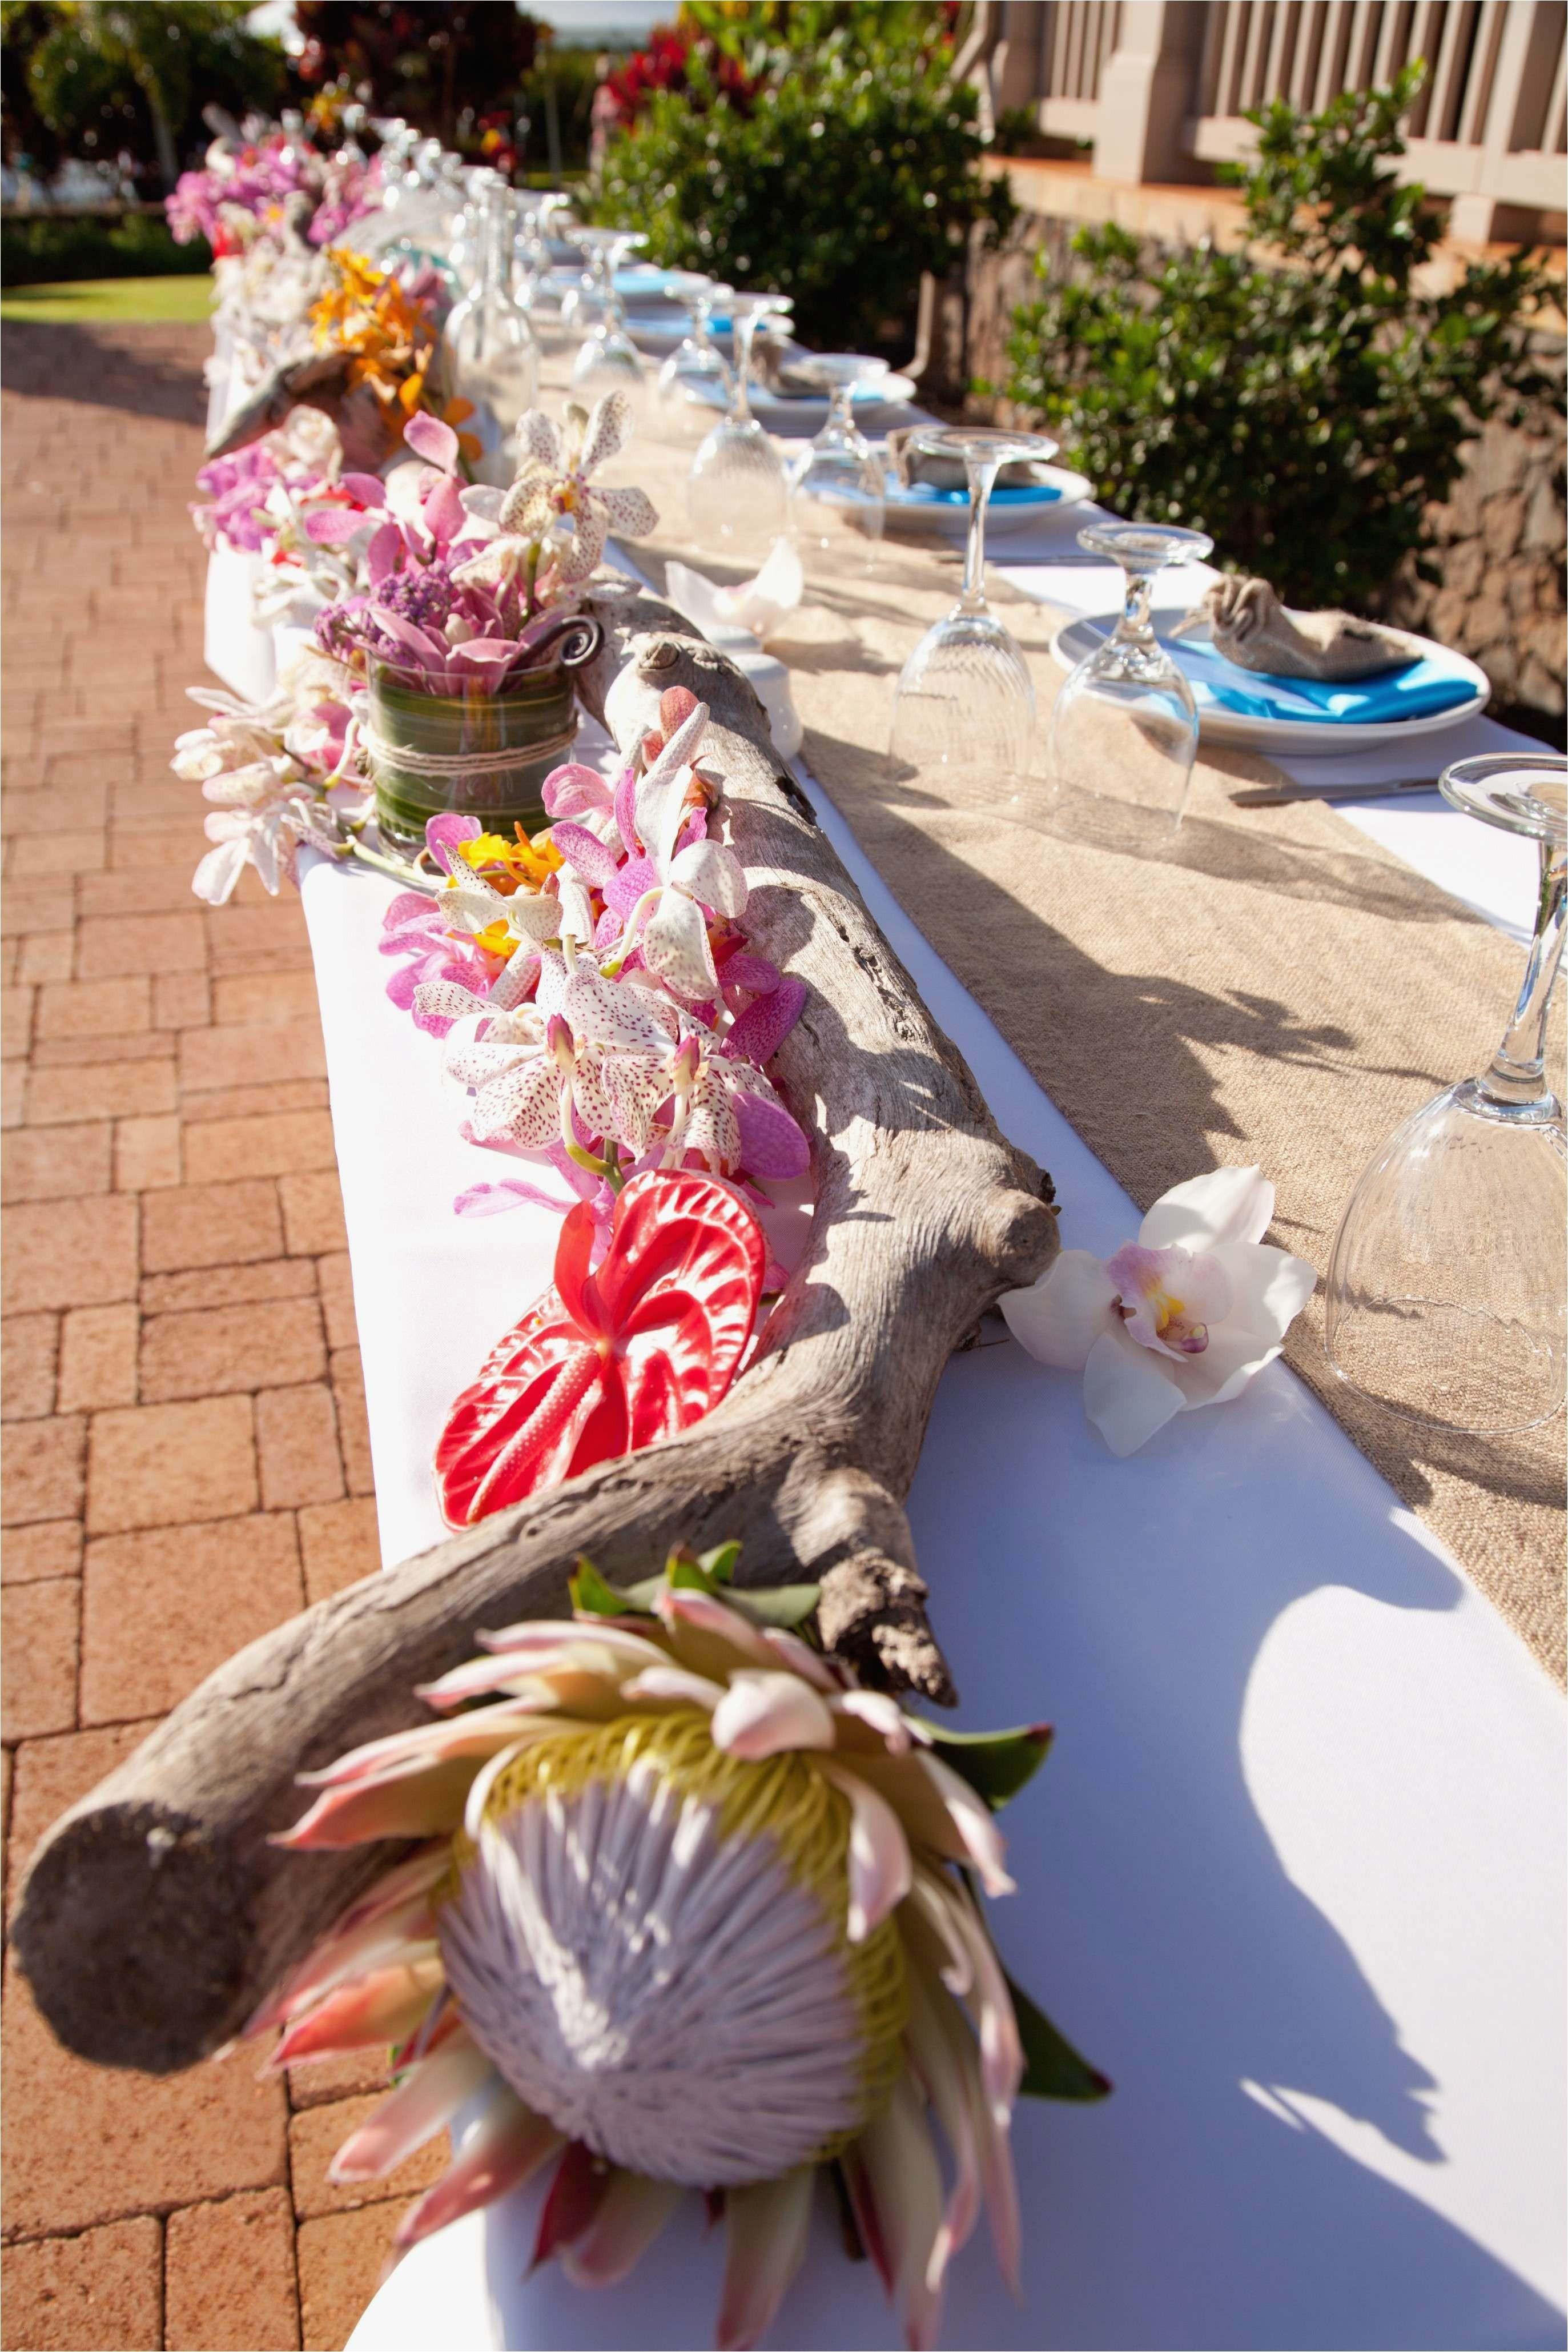 wedding vase rentals of platinum wedding decorations lovely wedding decoration hire s in platinum wedding decorations lovely wedding decoration hire s wedding rental decor awesome tropical